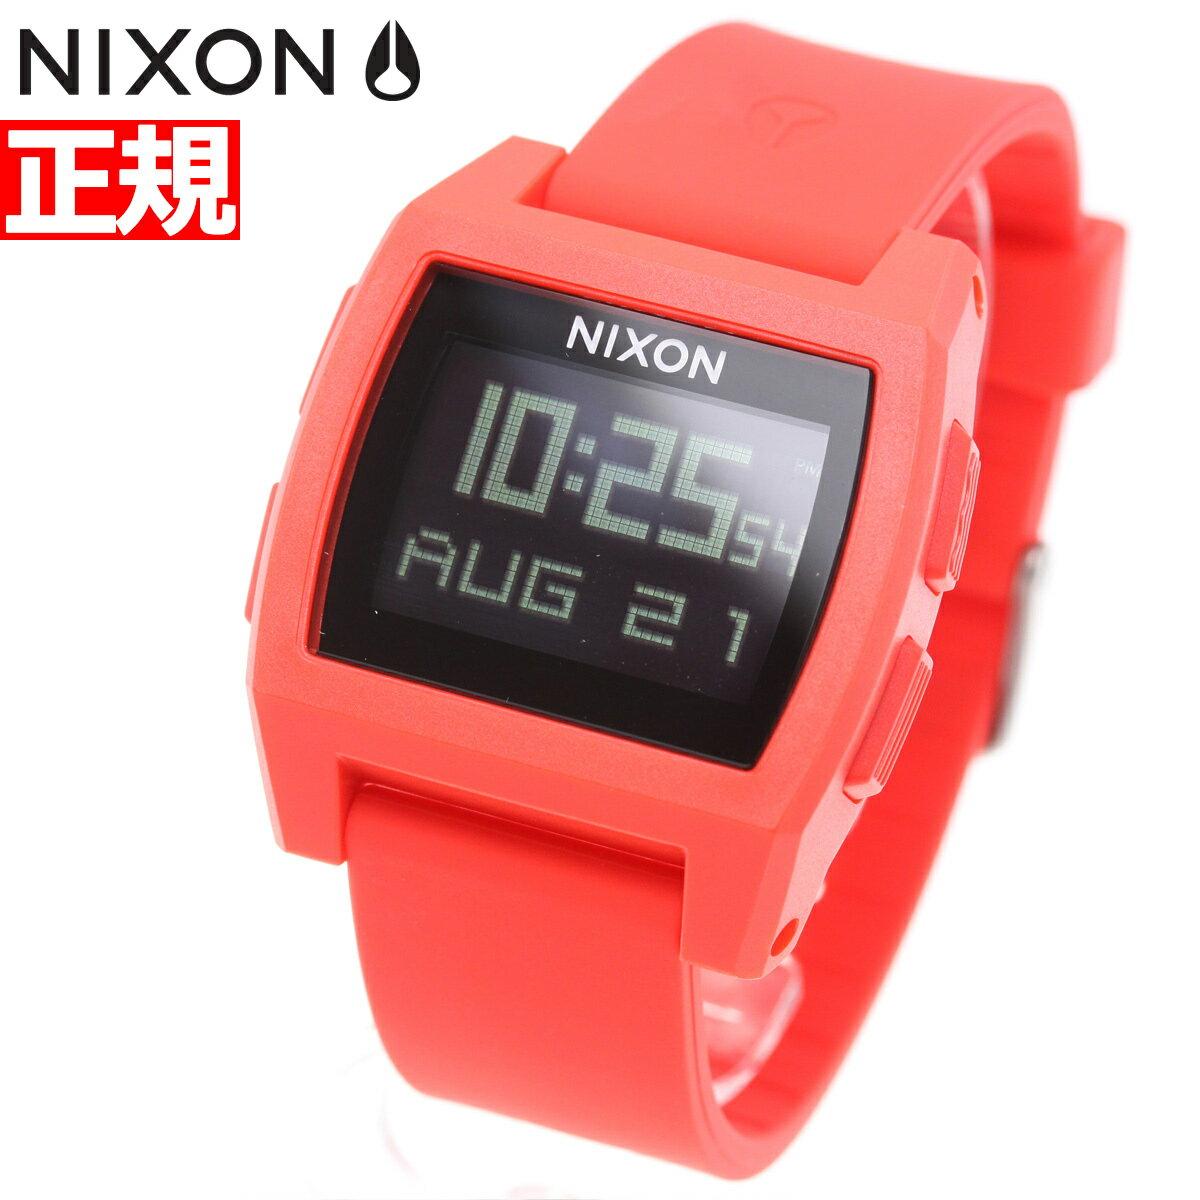 本日ポイント最大37倍!26日1時59分まで!ニクソン NIXON ベースタイド BASE TIDE 腕時計 メンズ レディース レッド NA1104200-00【2018 新作】